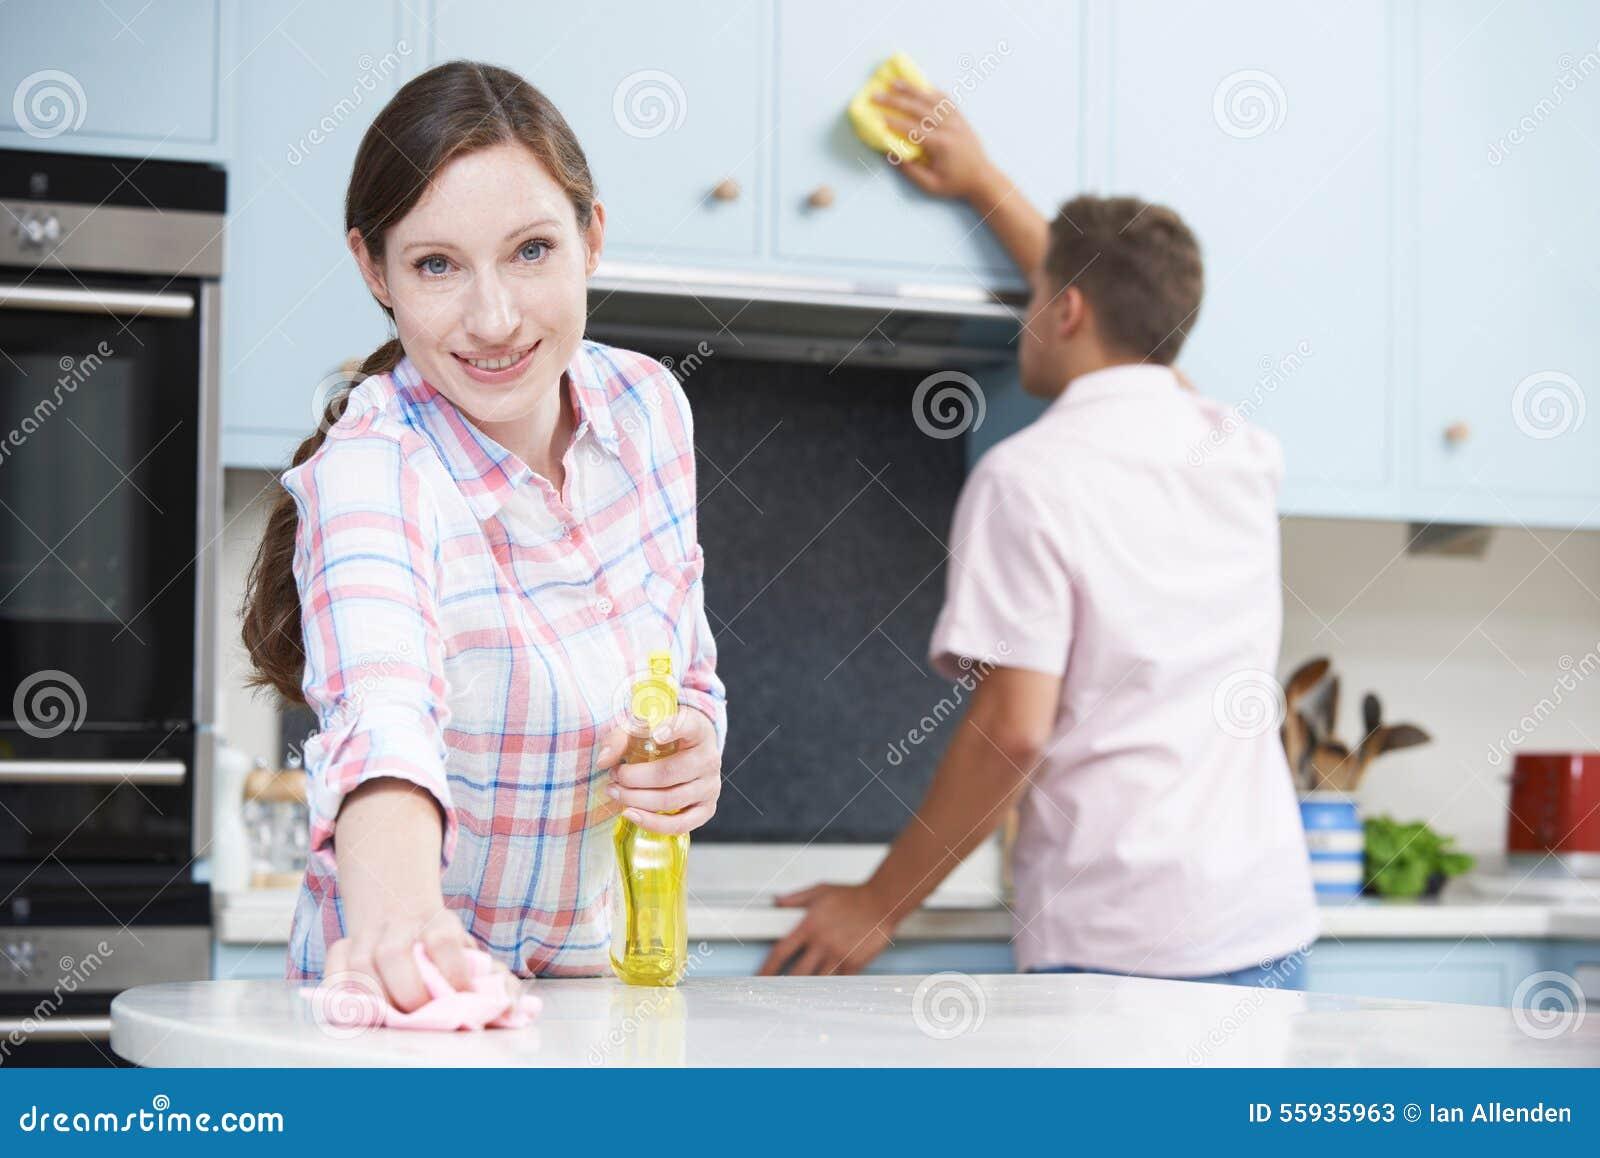 Fesselnde Küchenoberflächen Dekoration Von Paar-reinigungs-küchen-oberflächen Und Schränke Zusammen